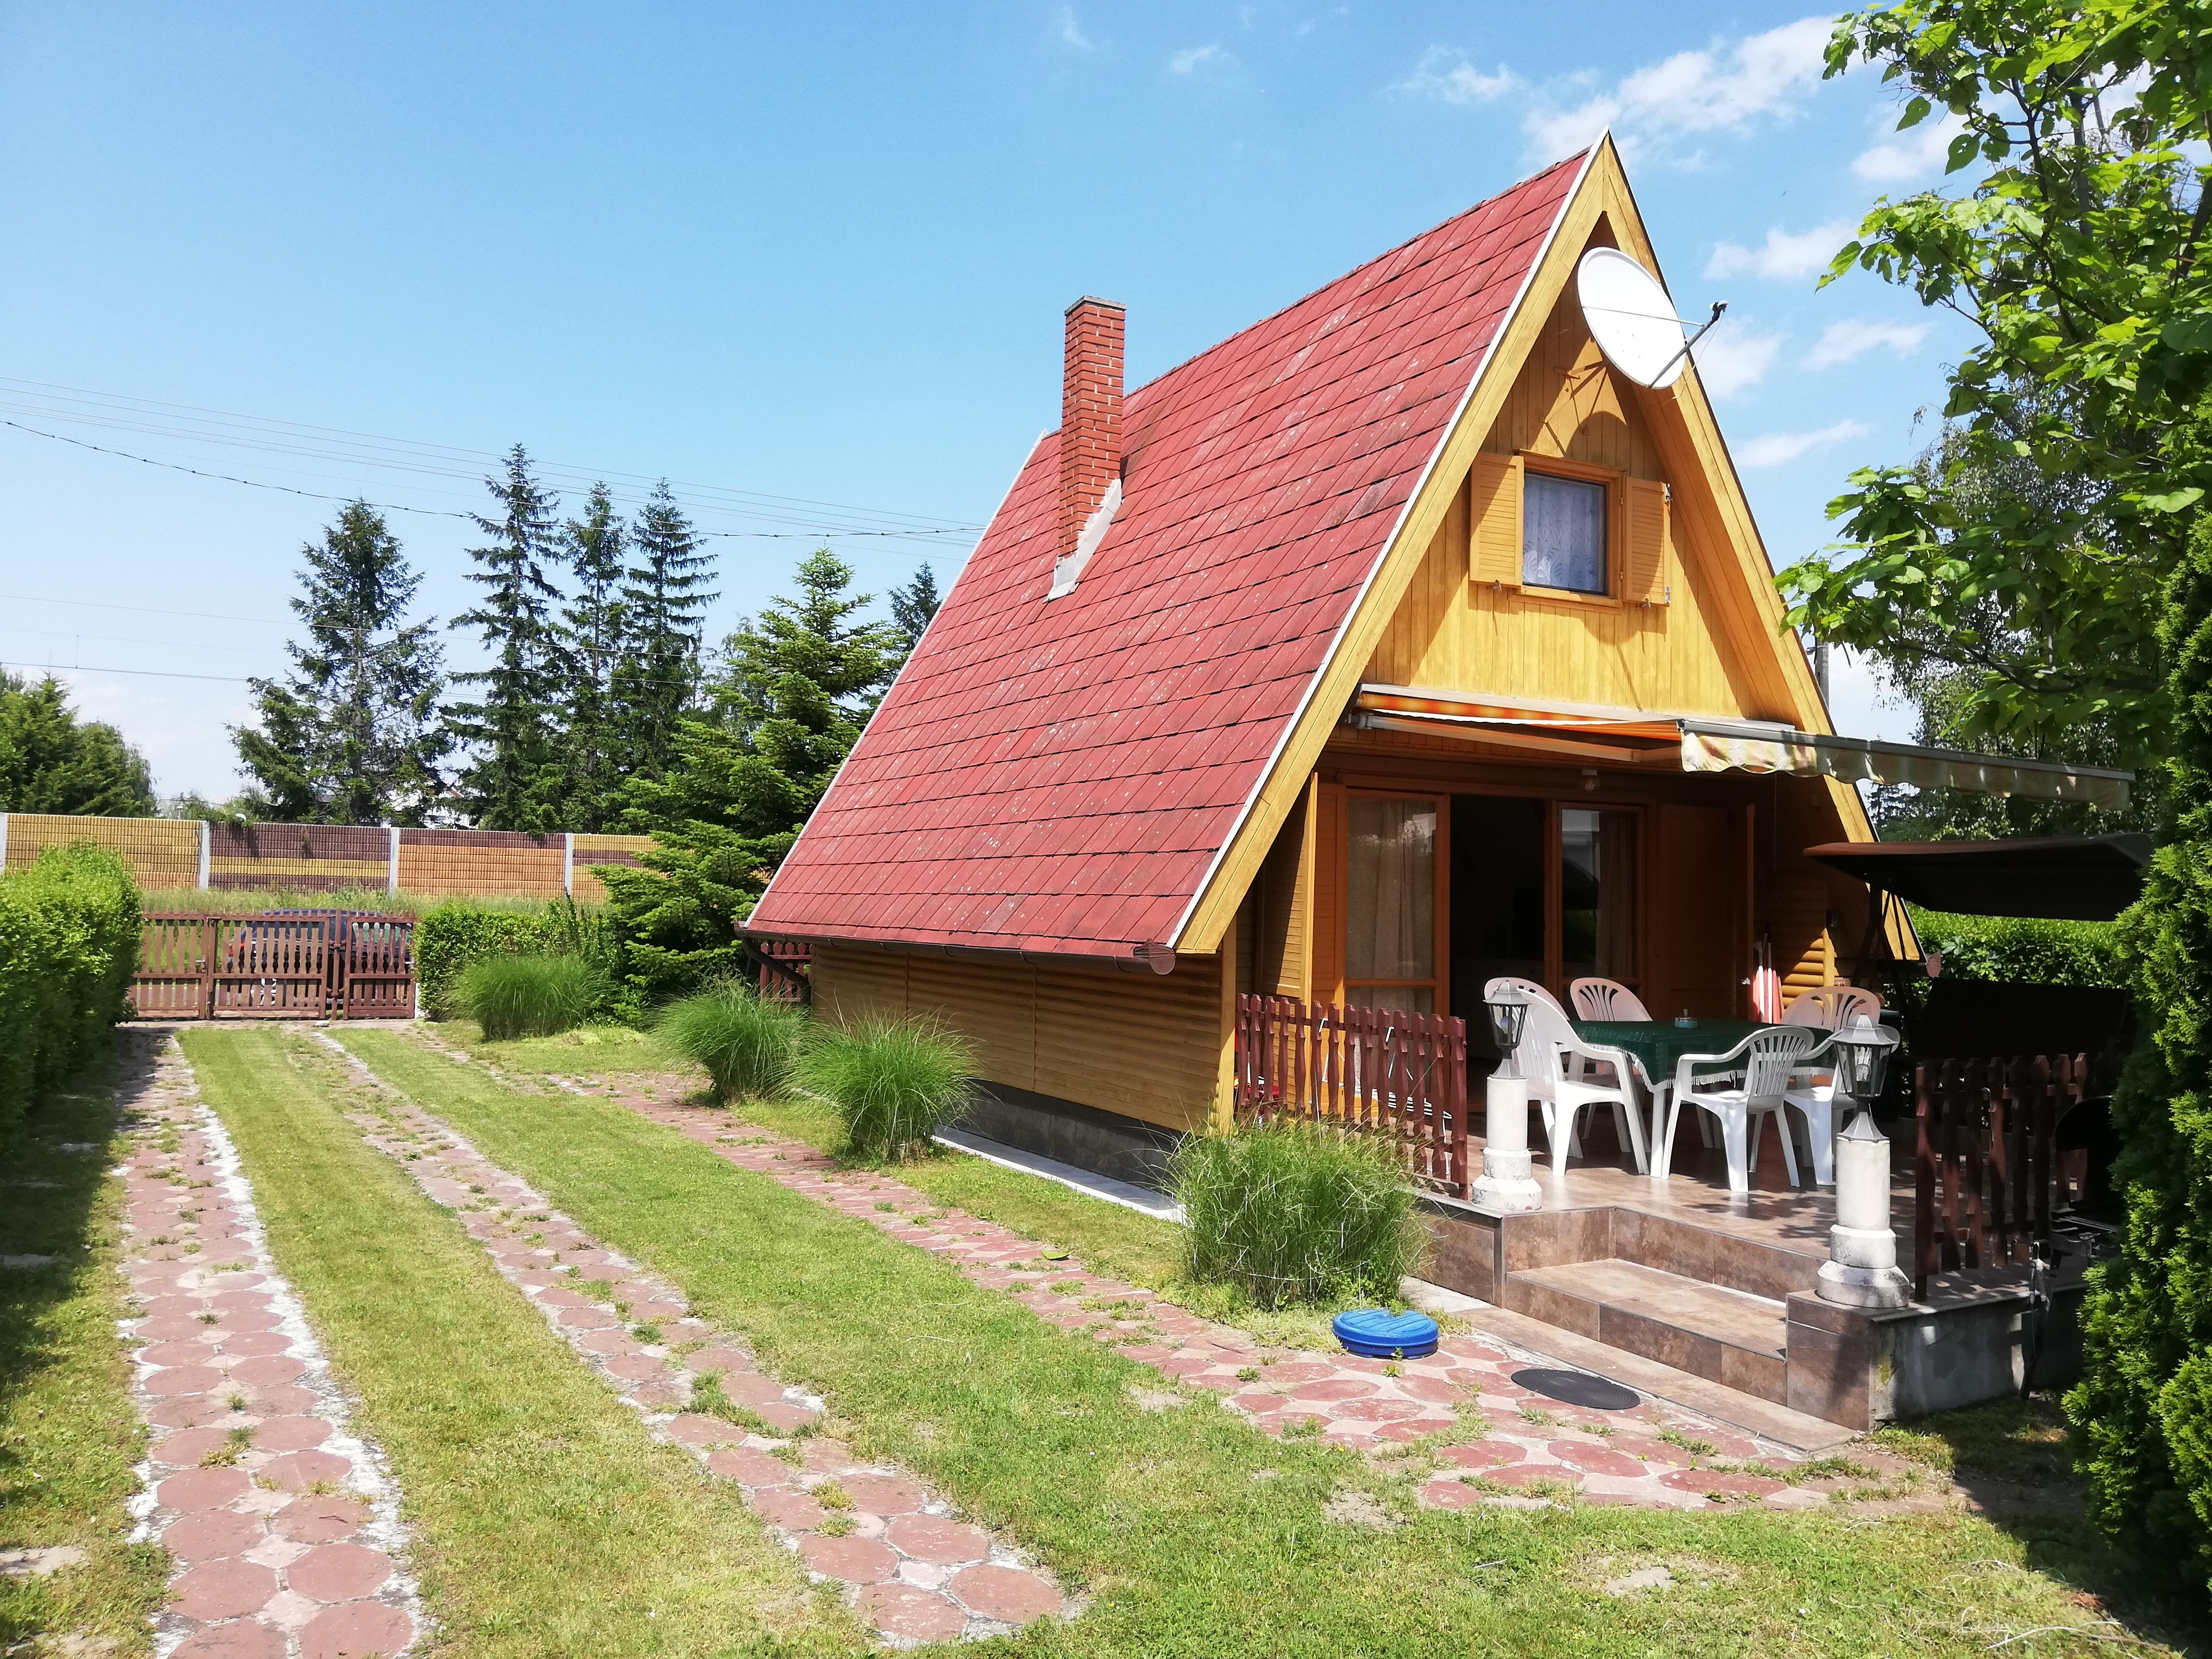 OBJEKT 201 Alleinstehendes Ferienhaus für 5 Personen